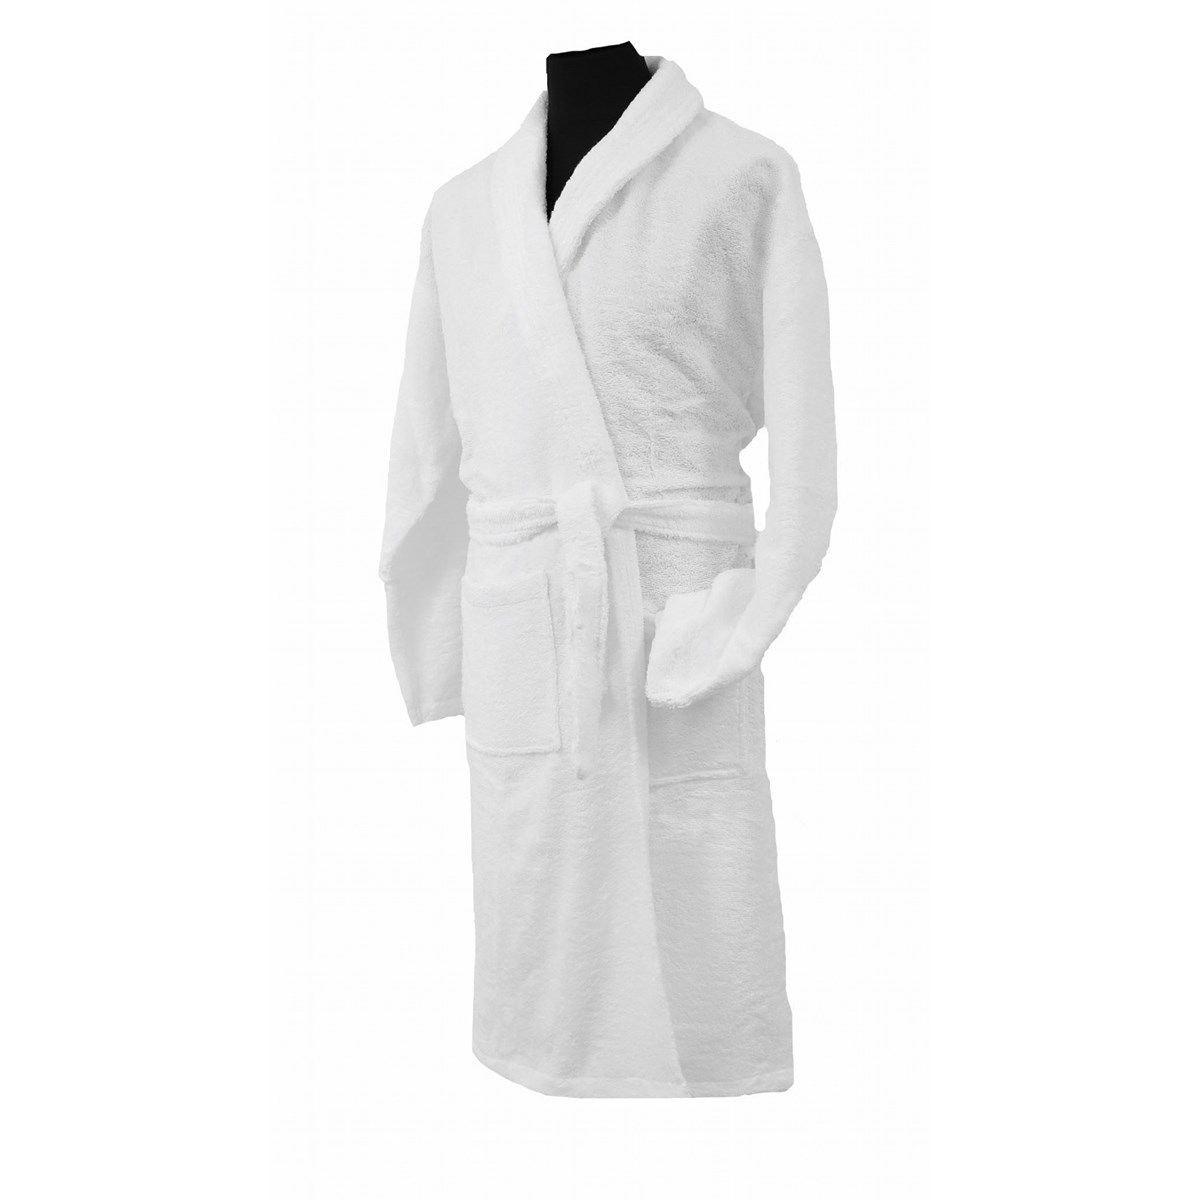 CONFORT - Peignoir mixte col chale coton blanc L (photo)